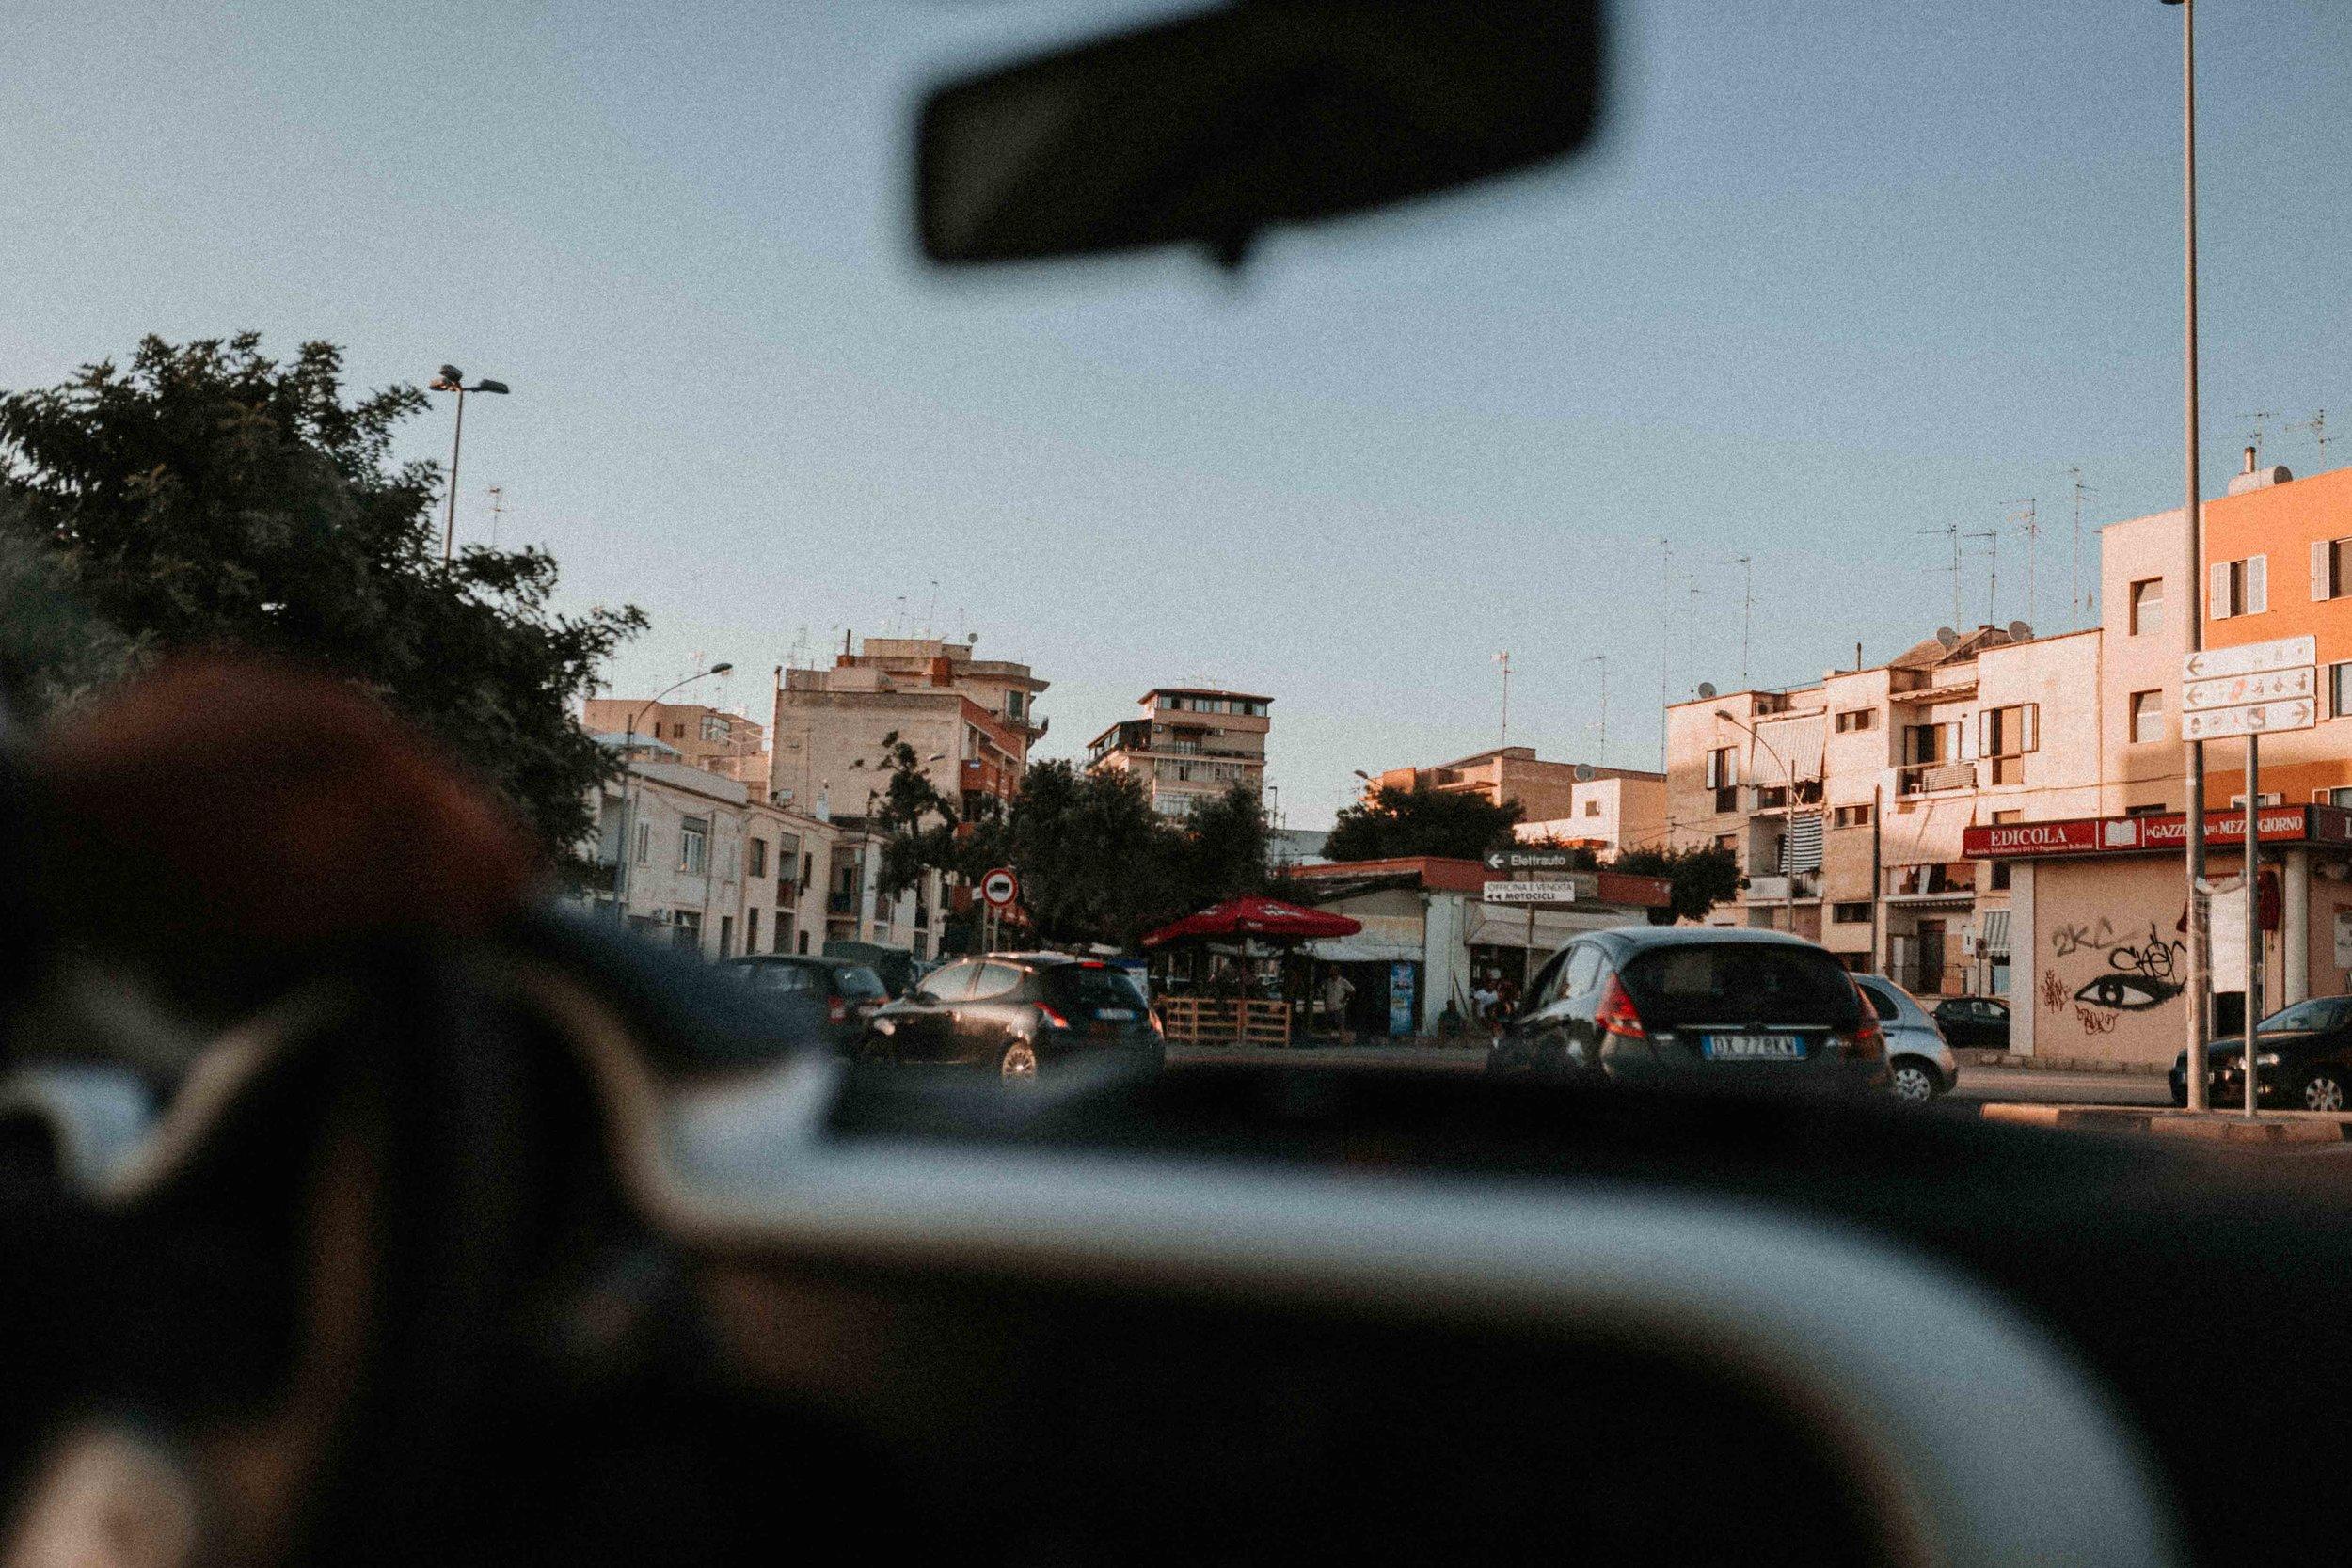 Wanderlost-Apulien-Italien-Hochzeitsfotograf-2.jpg